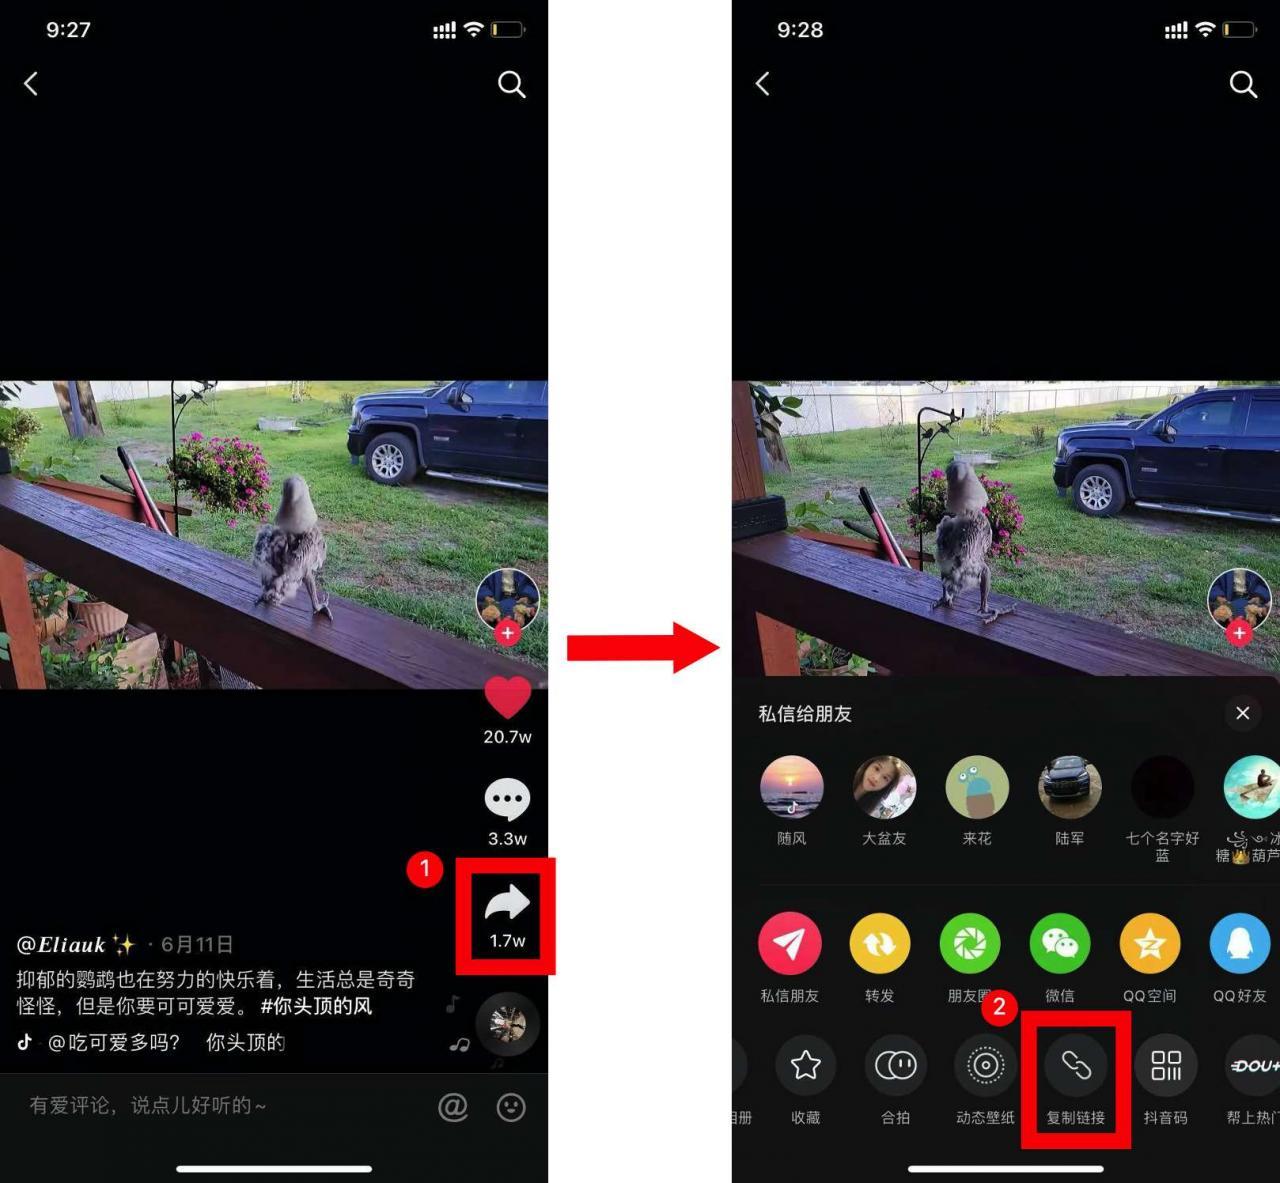 一键去除水印:抖音视频去水印免费软件推荐,无敌高效!